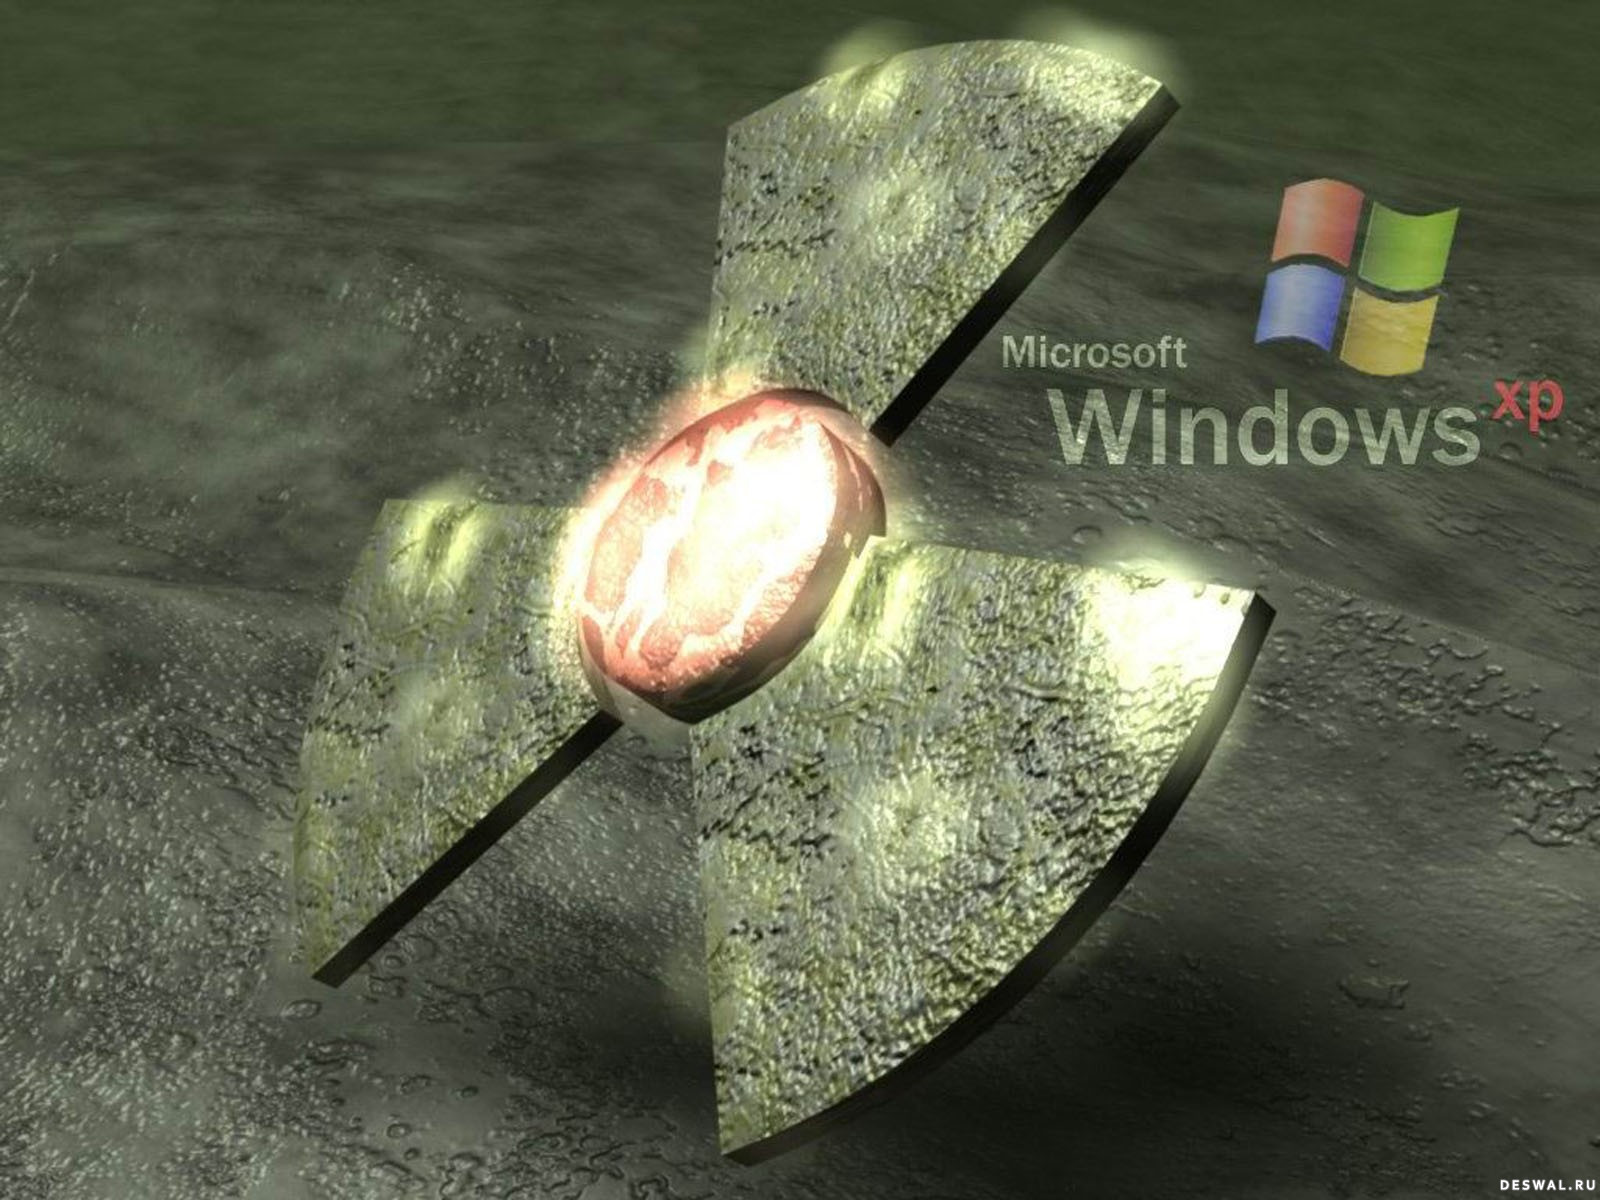 Фото 21. Нажмите на картинку с обоями windows, чтобы просмотреть ее в реальном размере